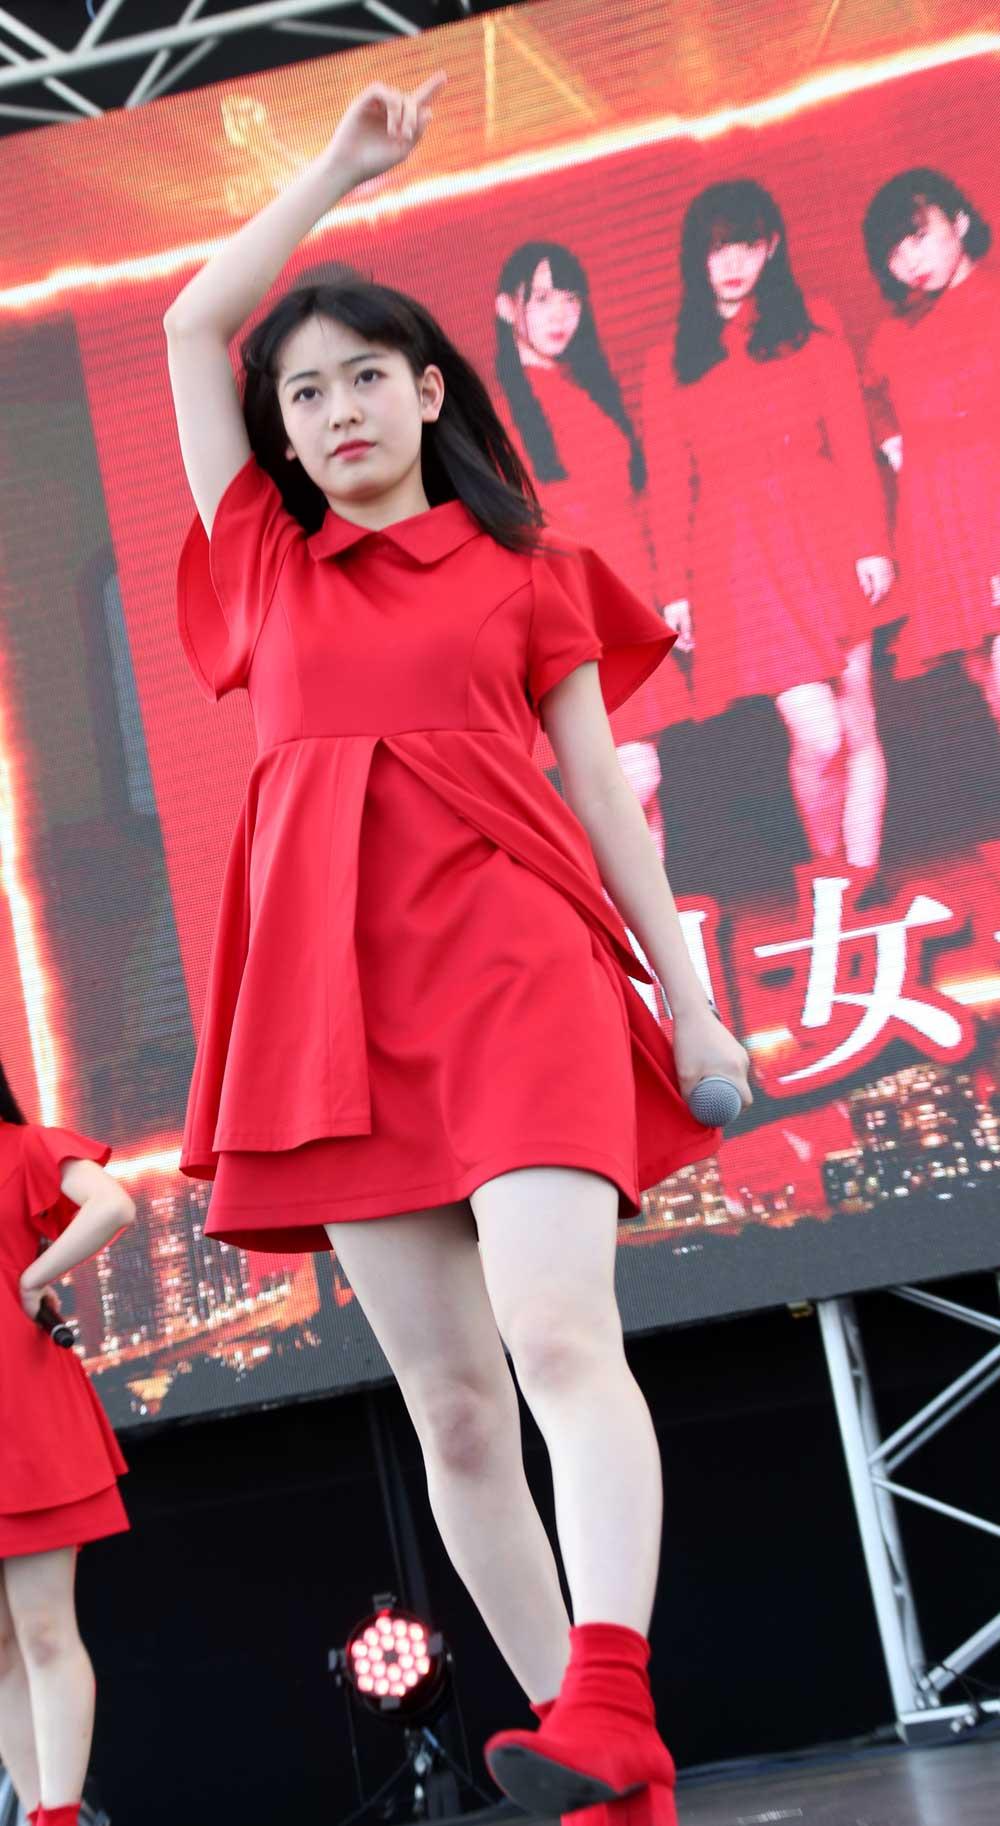 Images : 3番目の画像 - 「九州女子翼/お台場に響き渡る咆哮。肉フェスステージで渾身のパフォーマンスを披露」のアルバム - Stereo Sound ONLINE